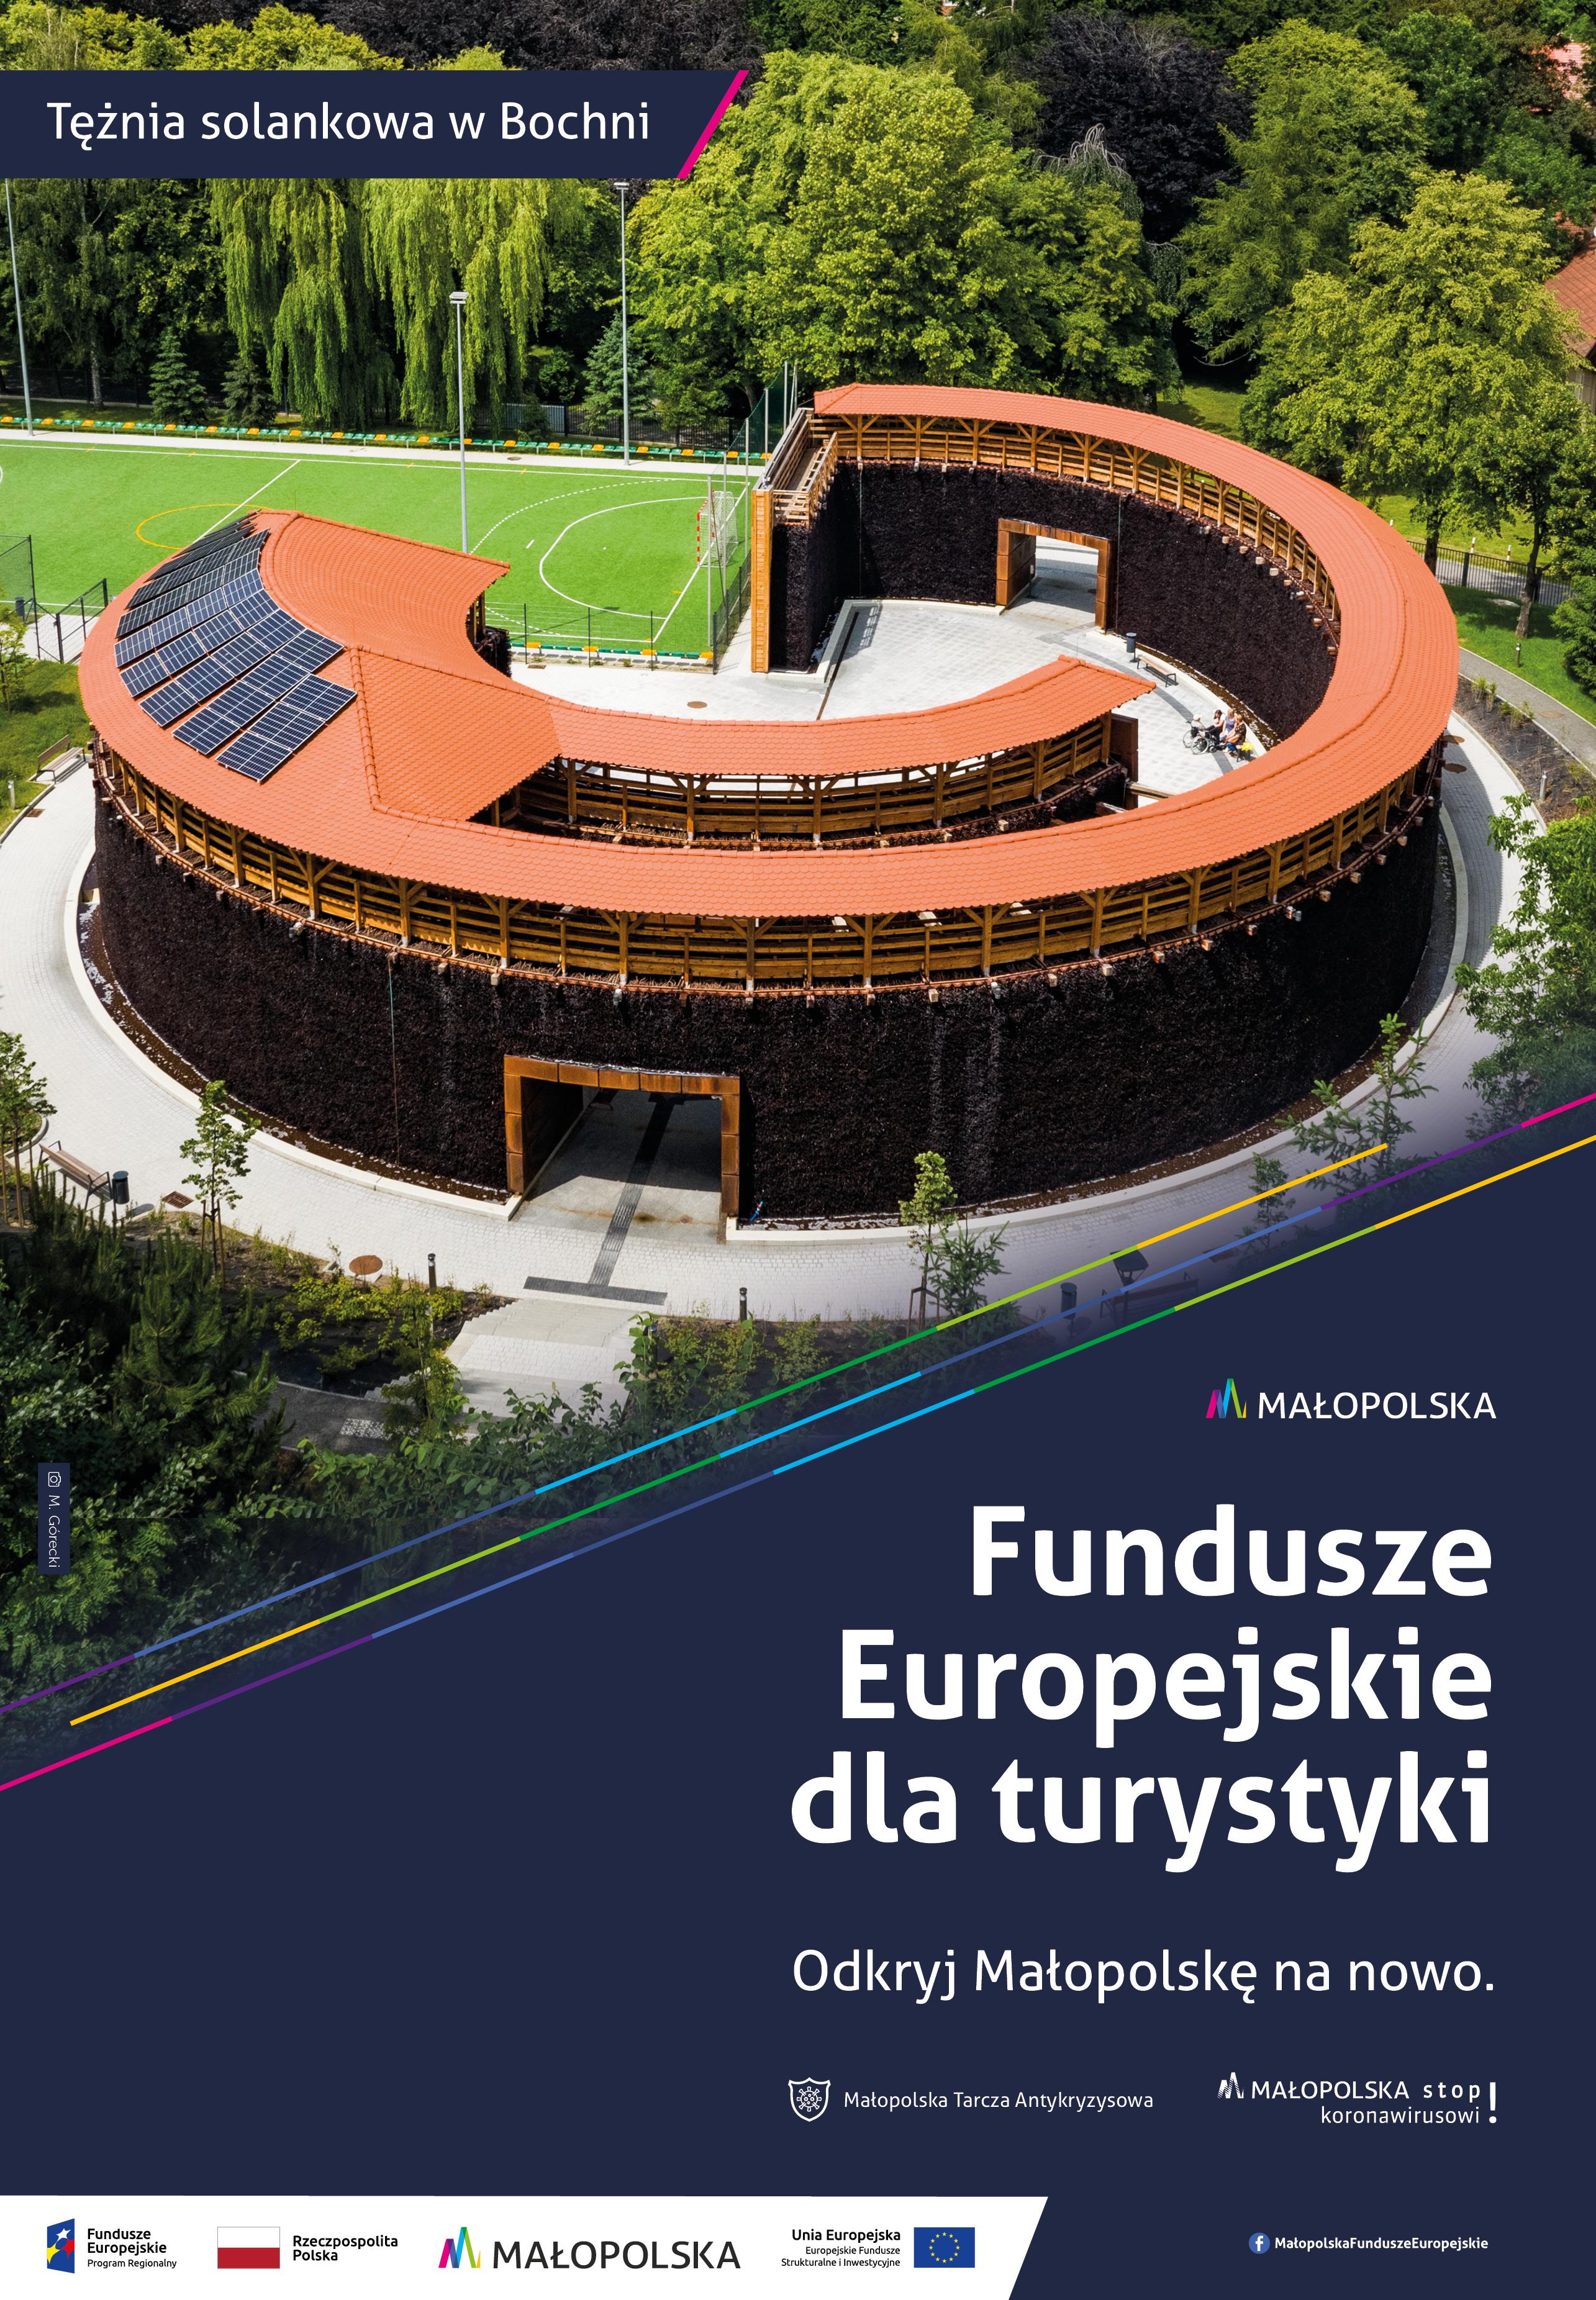 Fundusze europejskie dla turystyki - Tężnia solankowa w Bochni